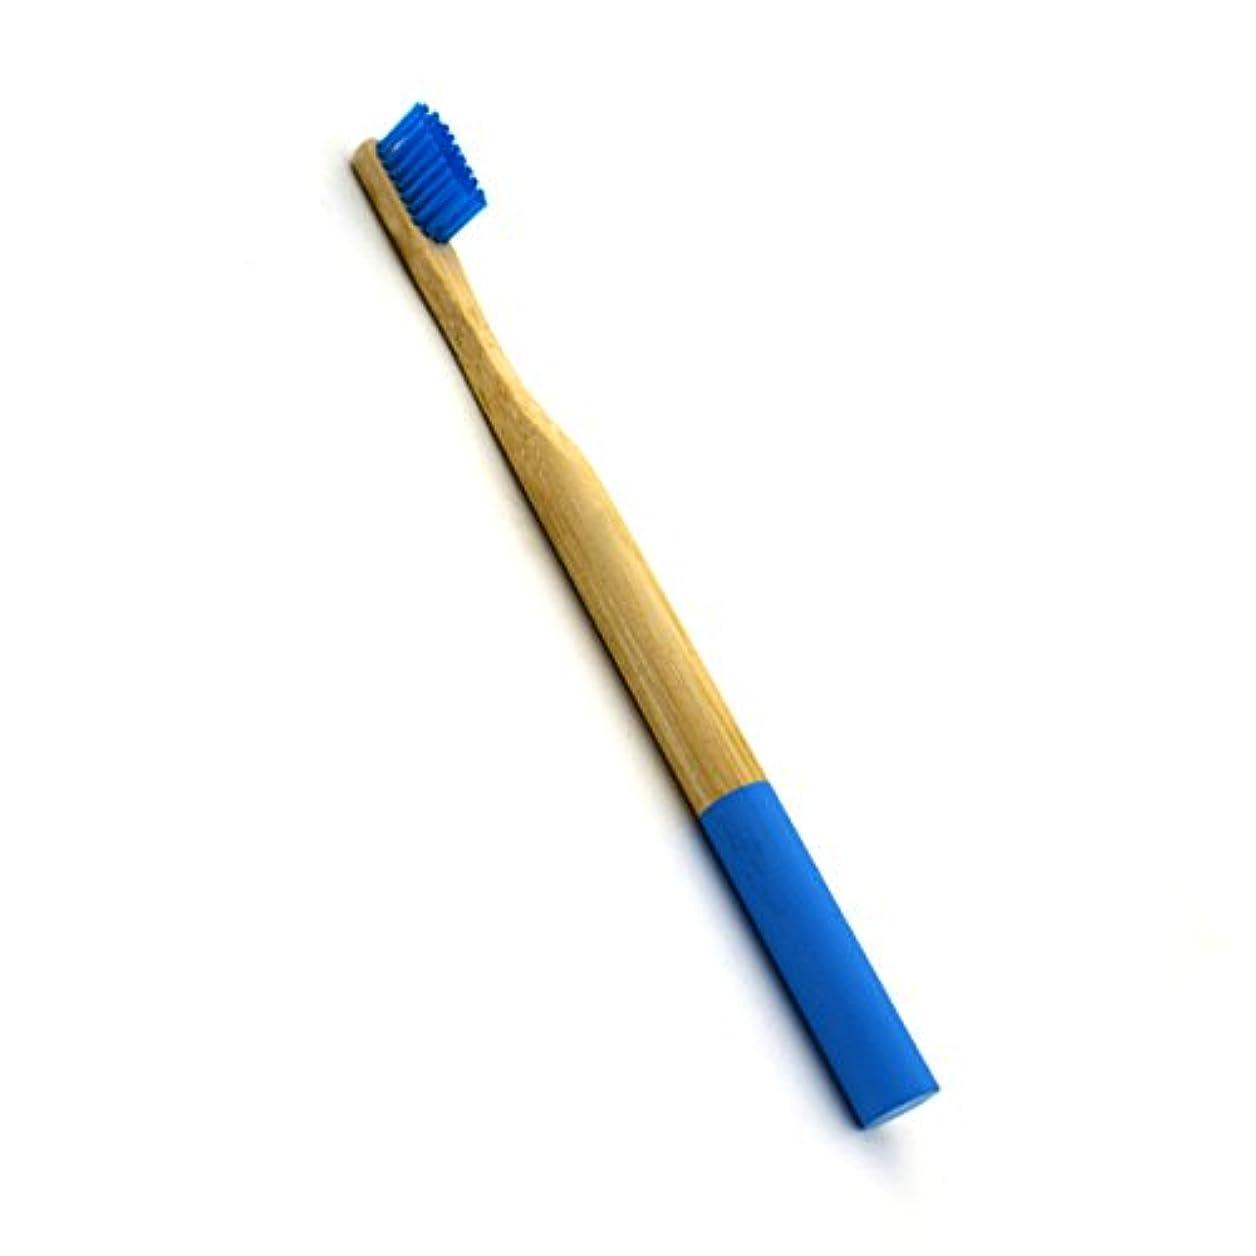 バット機械的ずっとROSENICE 竹歯ブラシラウンドハンドル自然な竹成人環境にやさしいソフトブリストル旅行歯ブラシ